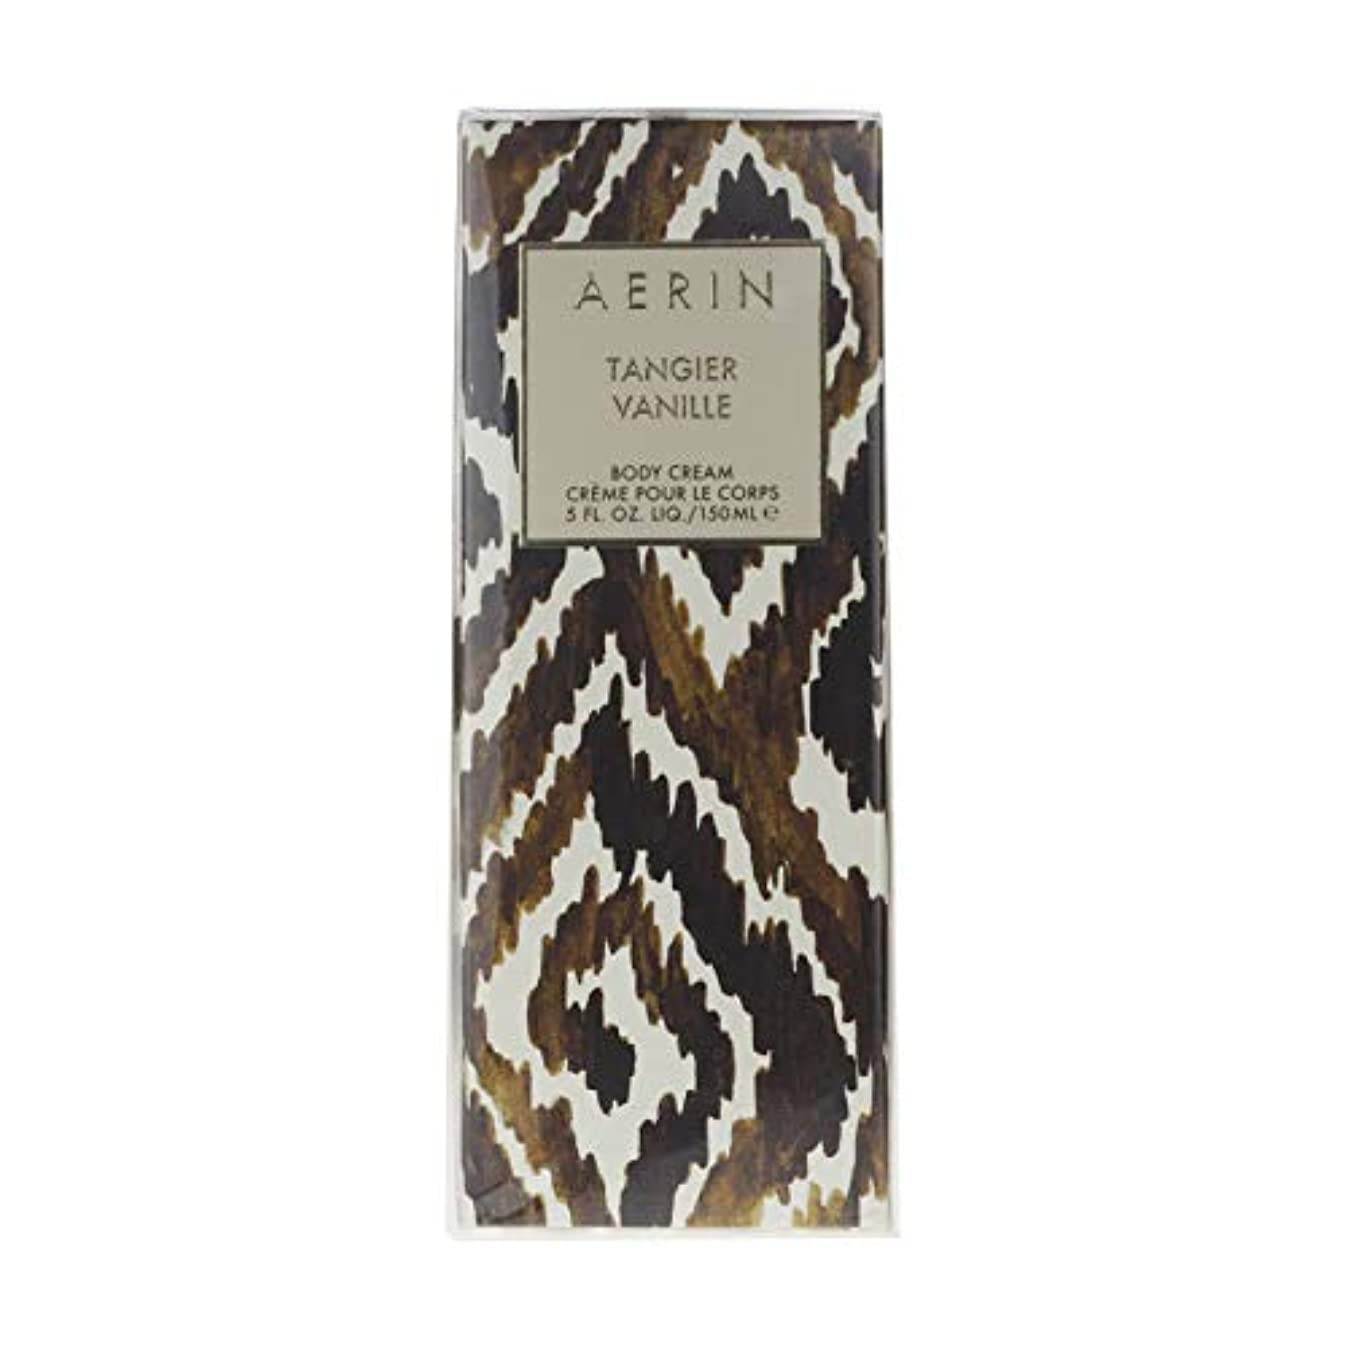 悲しみ縮れた星AERIN Tangier Vanille (アエリン タンジヤー バニール) 5.0 oz (150ml) Body Cream by Estee Lauder for Women